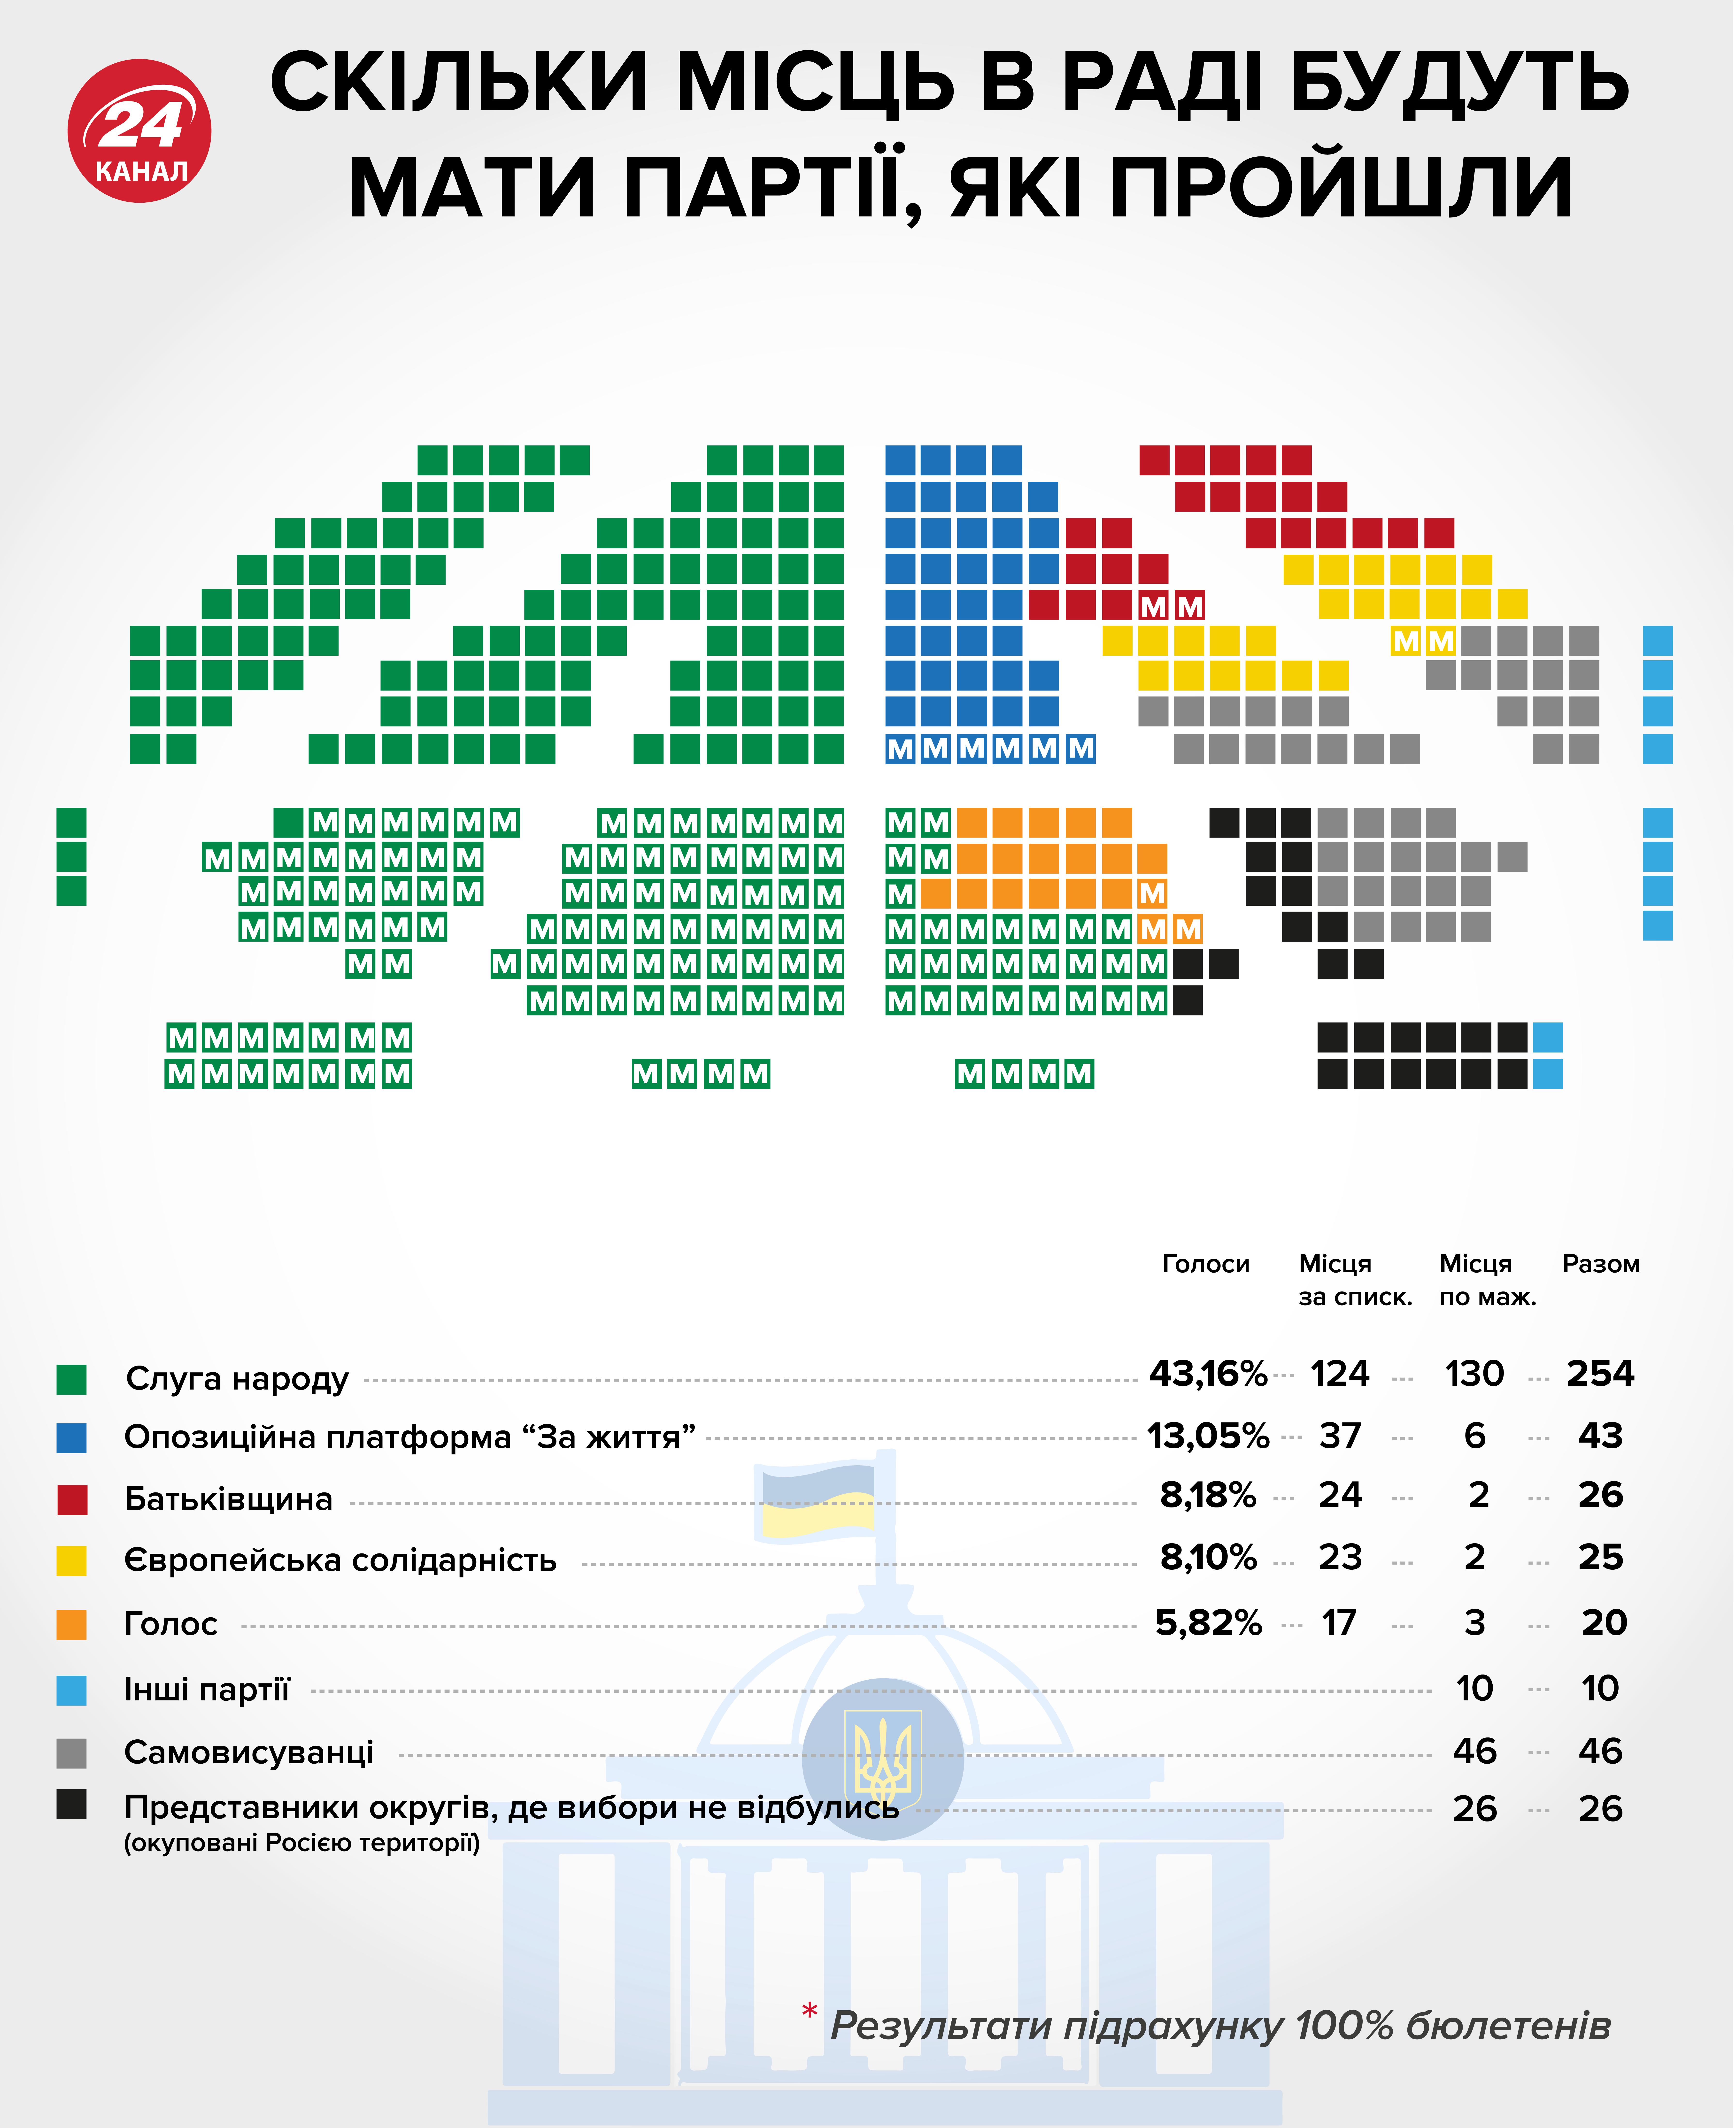 скільки мандатів отримають партії в раді